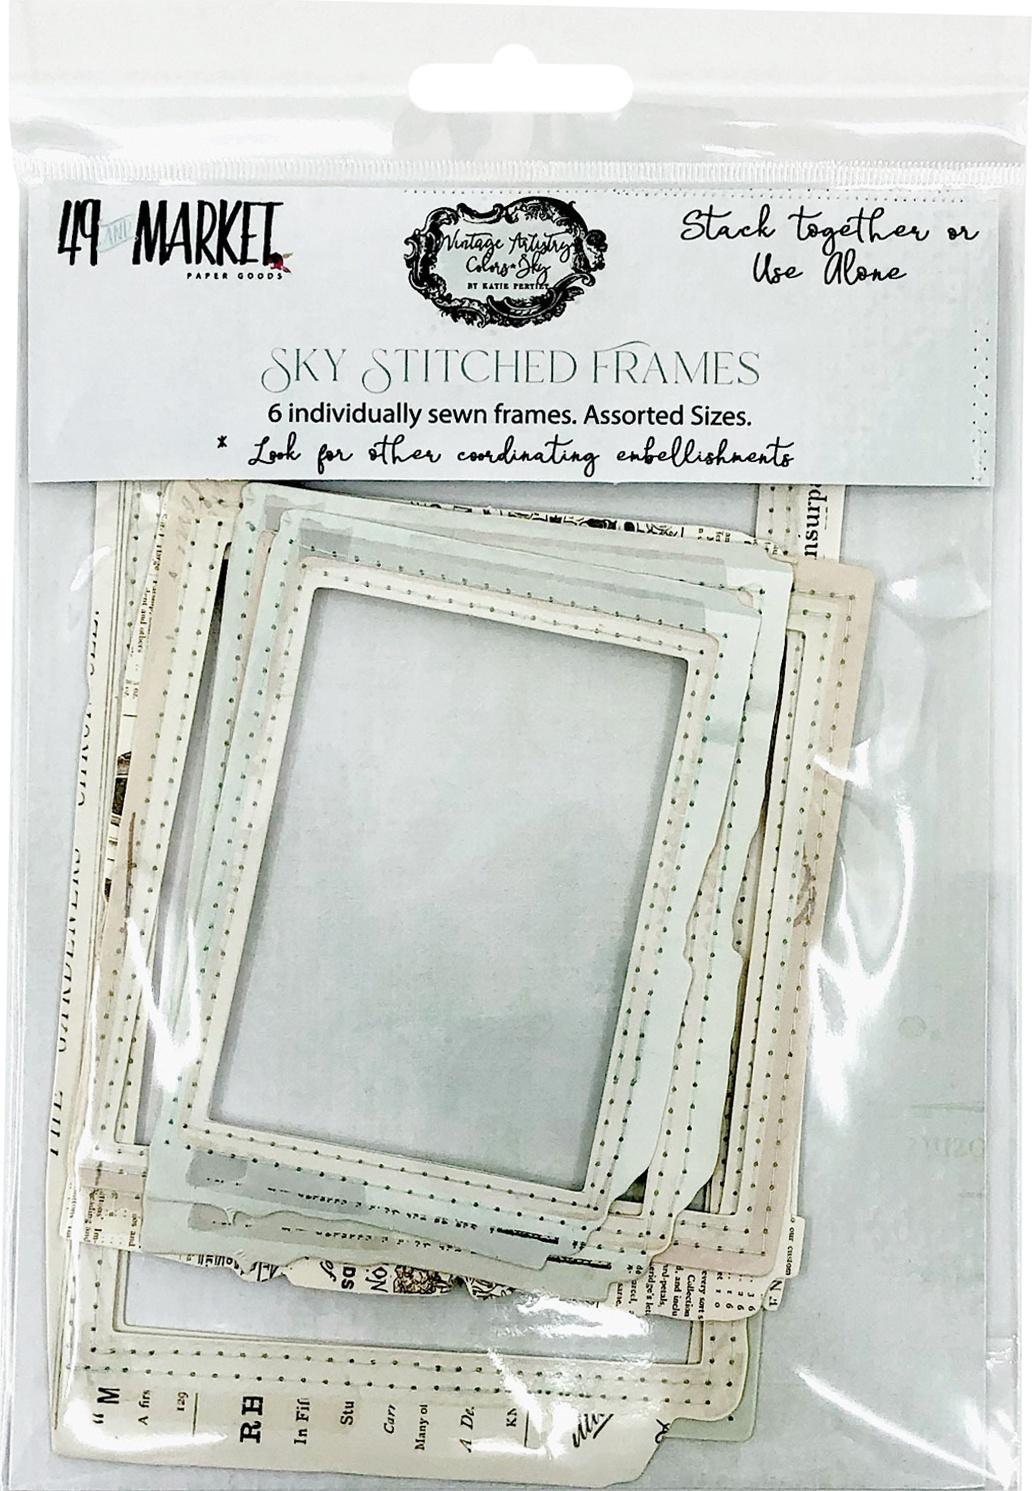 49 And Market Vintage Artistry Sky Stitch Frame